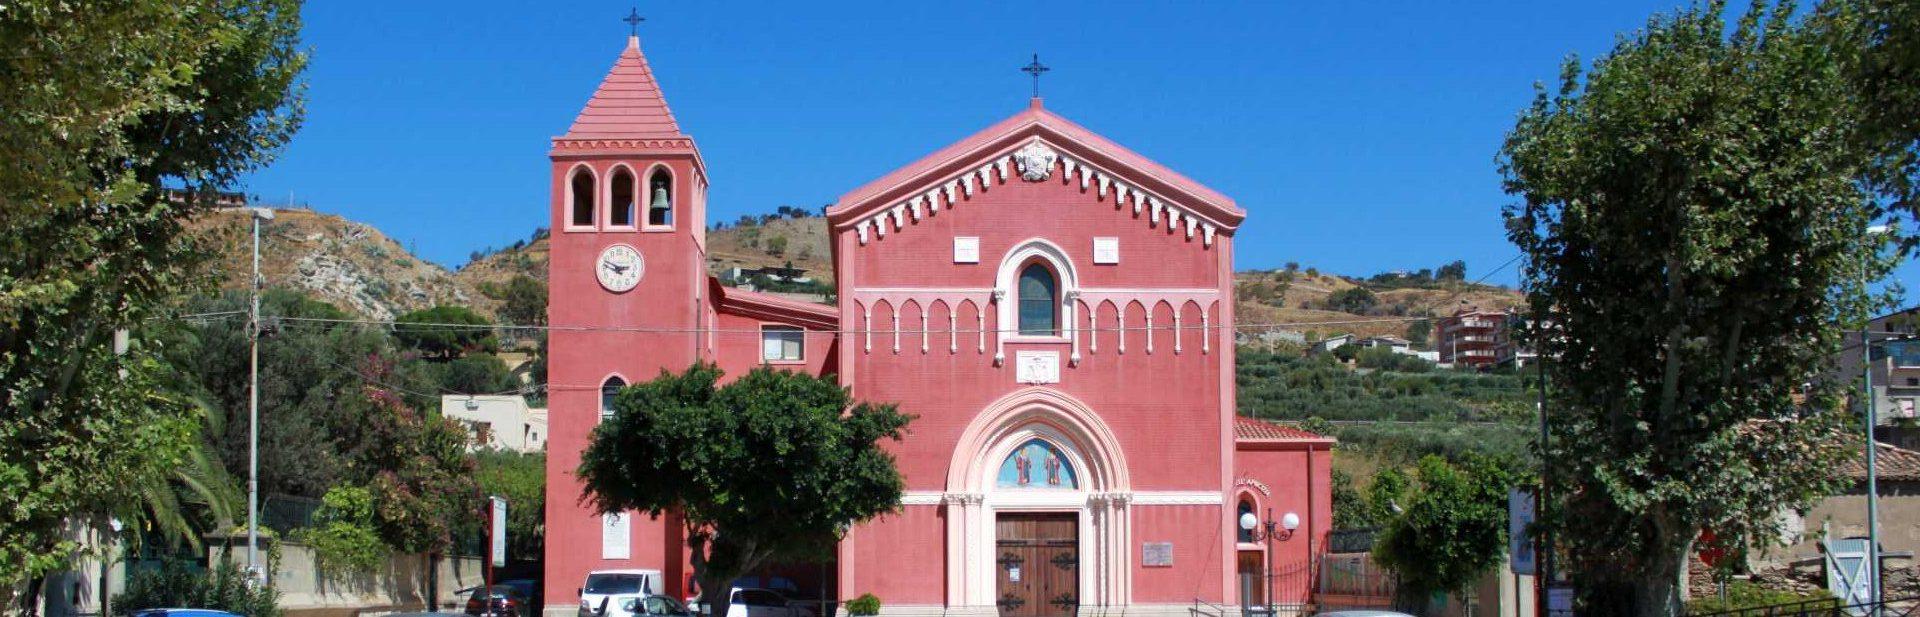 Parrocchia Santi Cosma e Damiano – Bocale